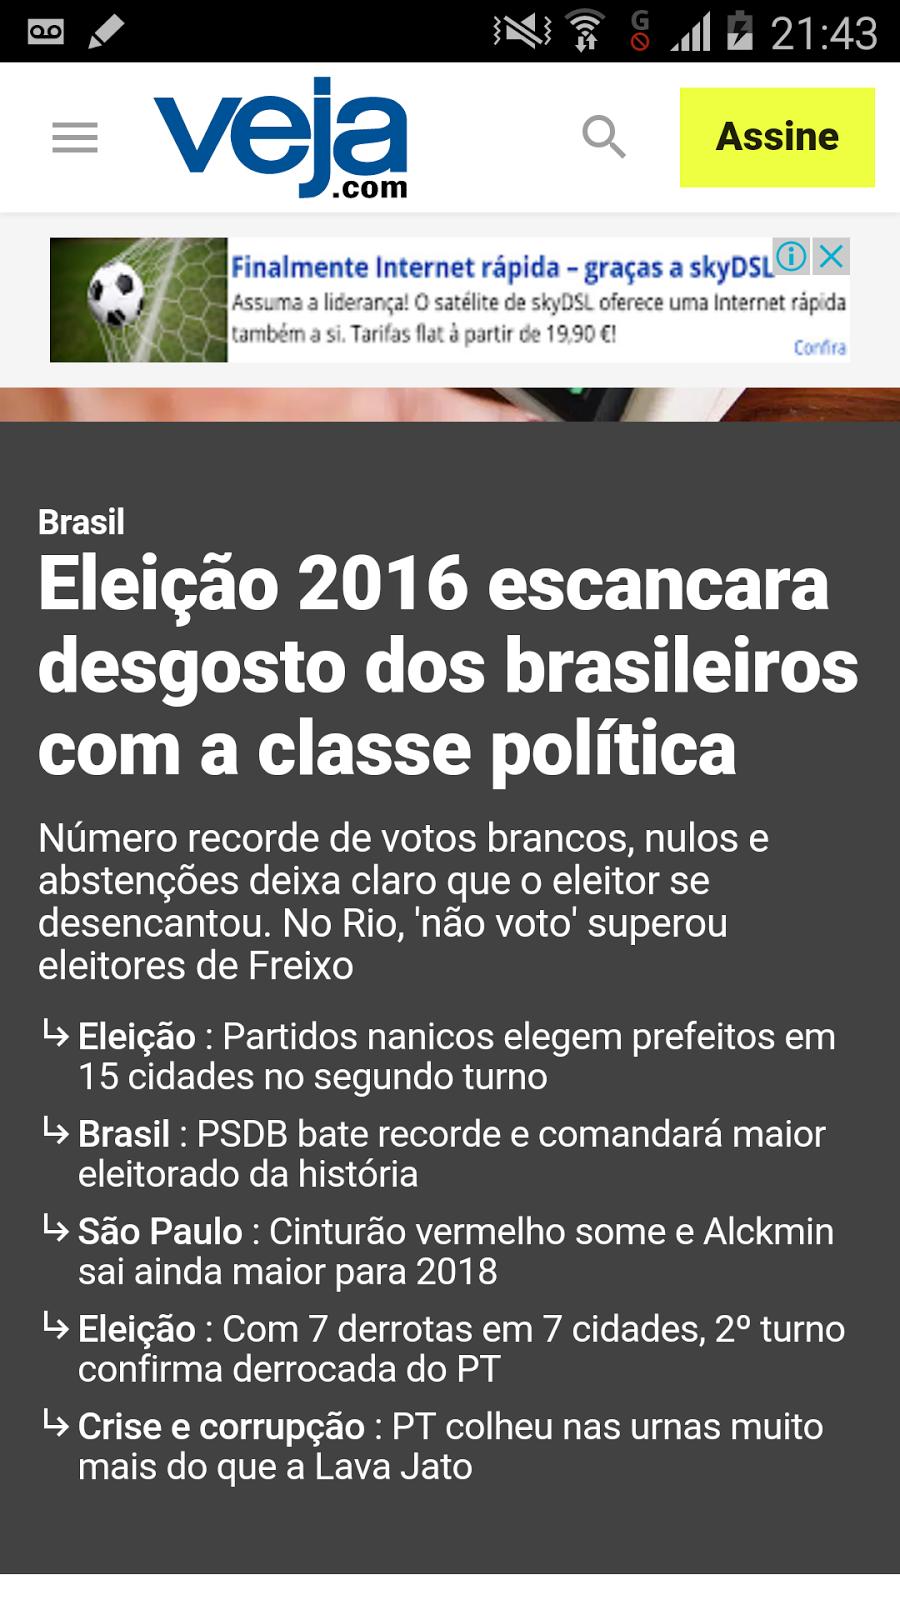 Eleição 2016 escancara desgosto do brasileiro com classe política